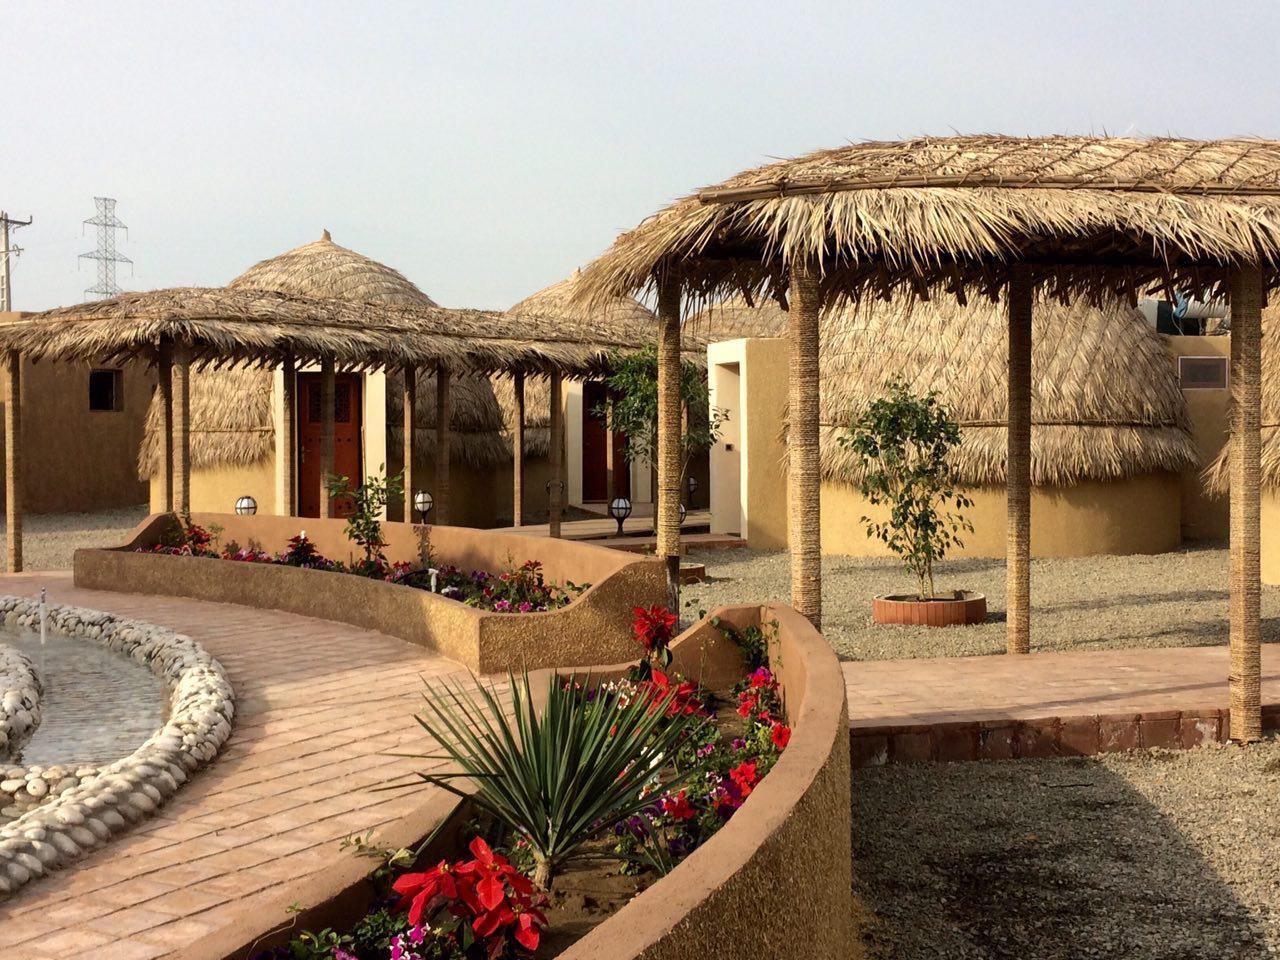 هتل پارسیان قلعه گنج | هتل کپری قلعه گنج